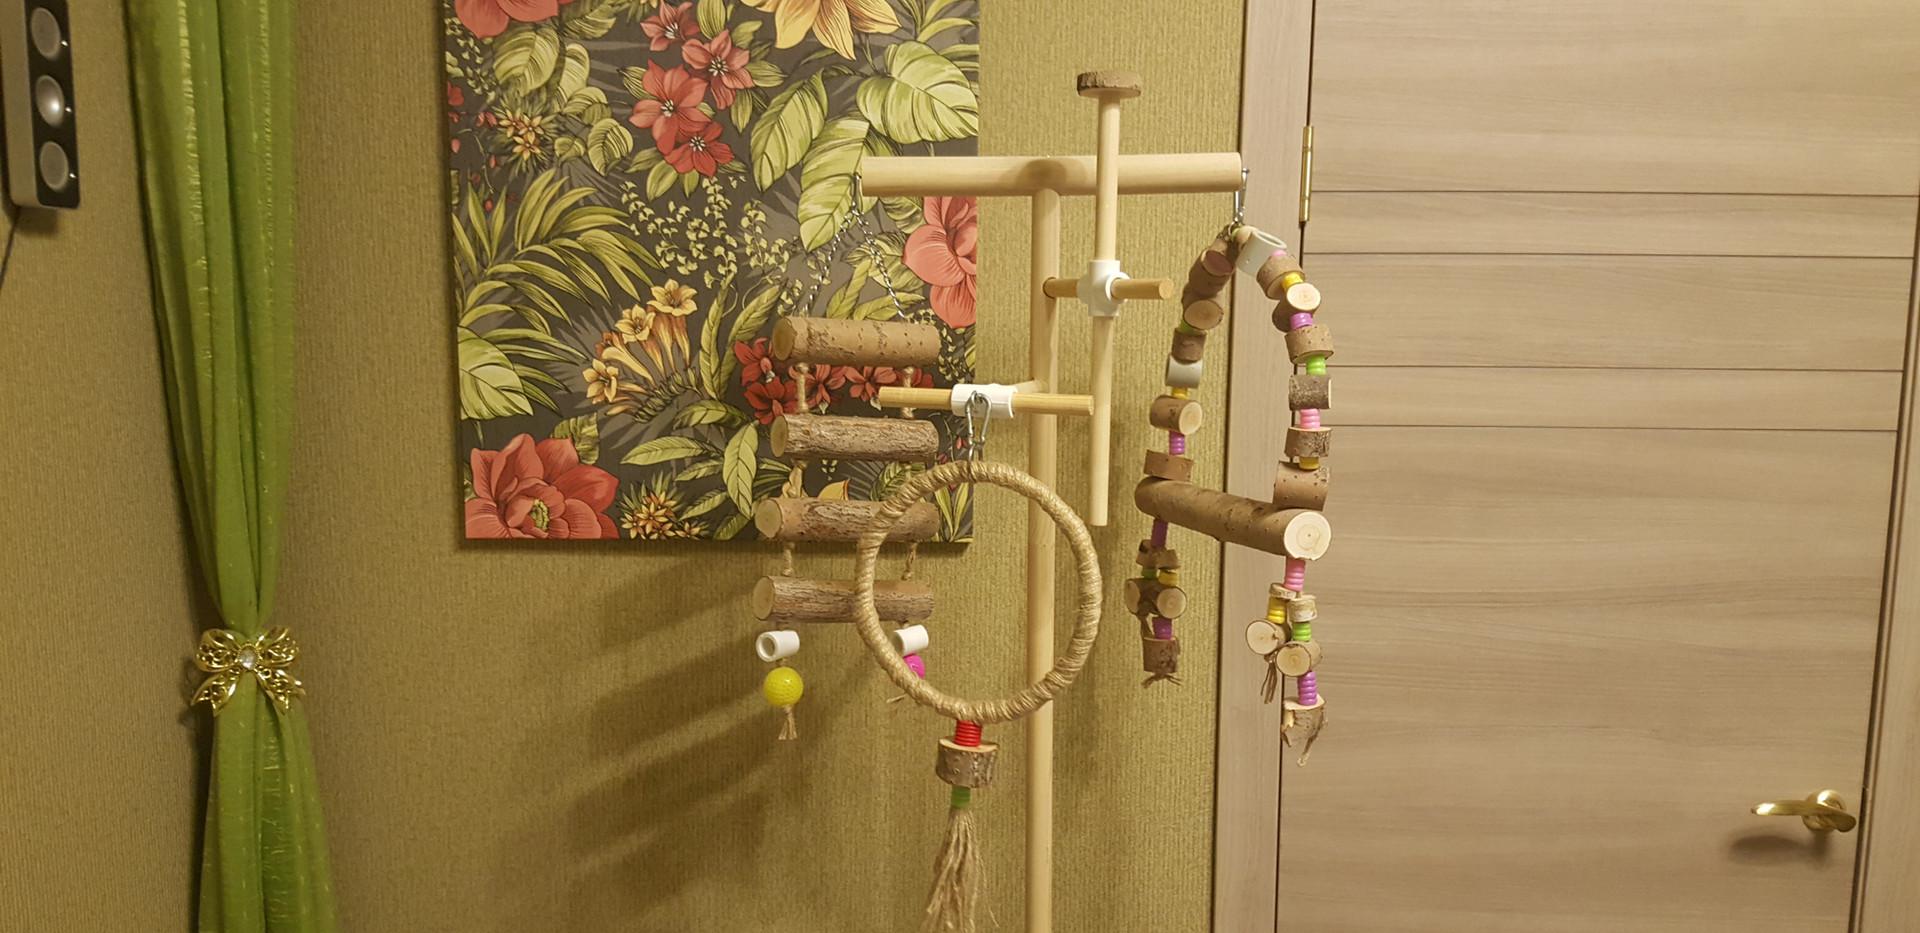 качель и другие игрушки на стэнде